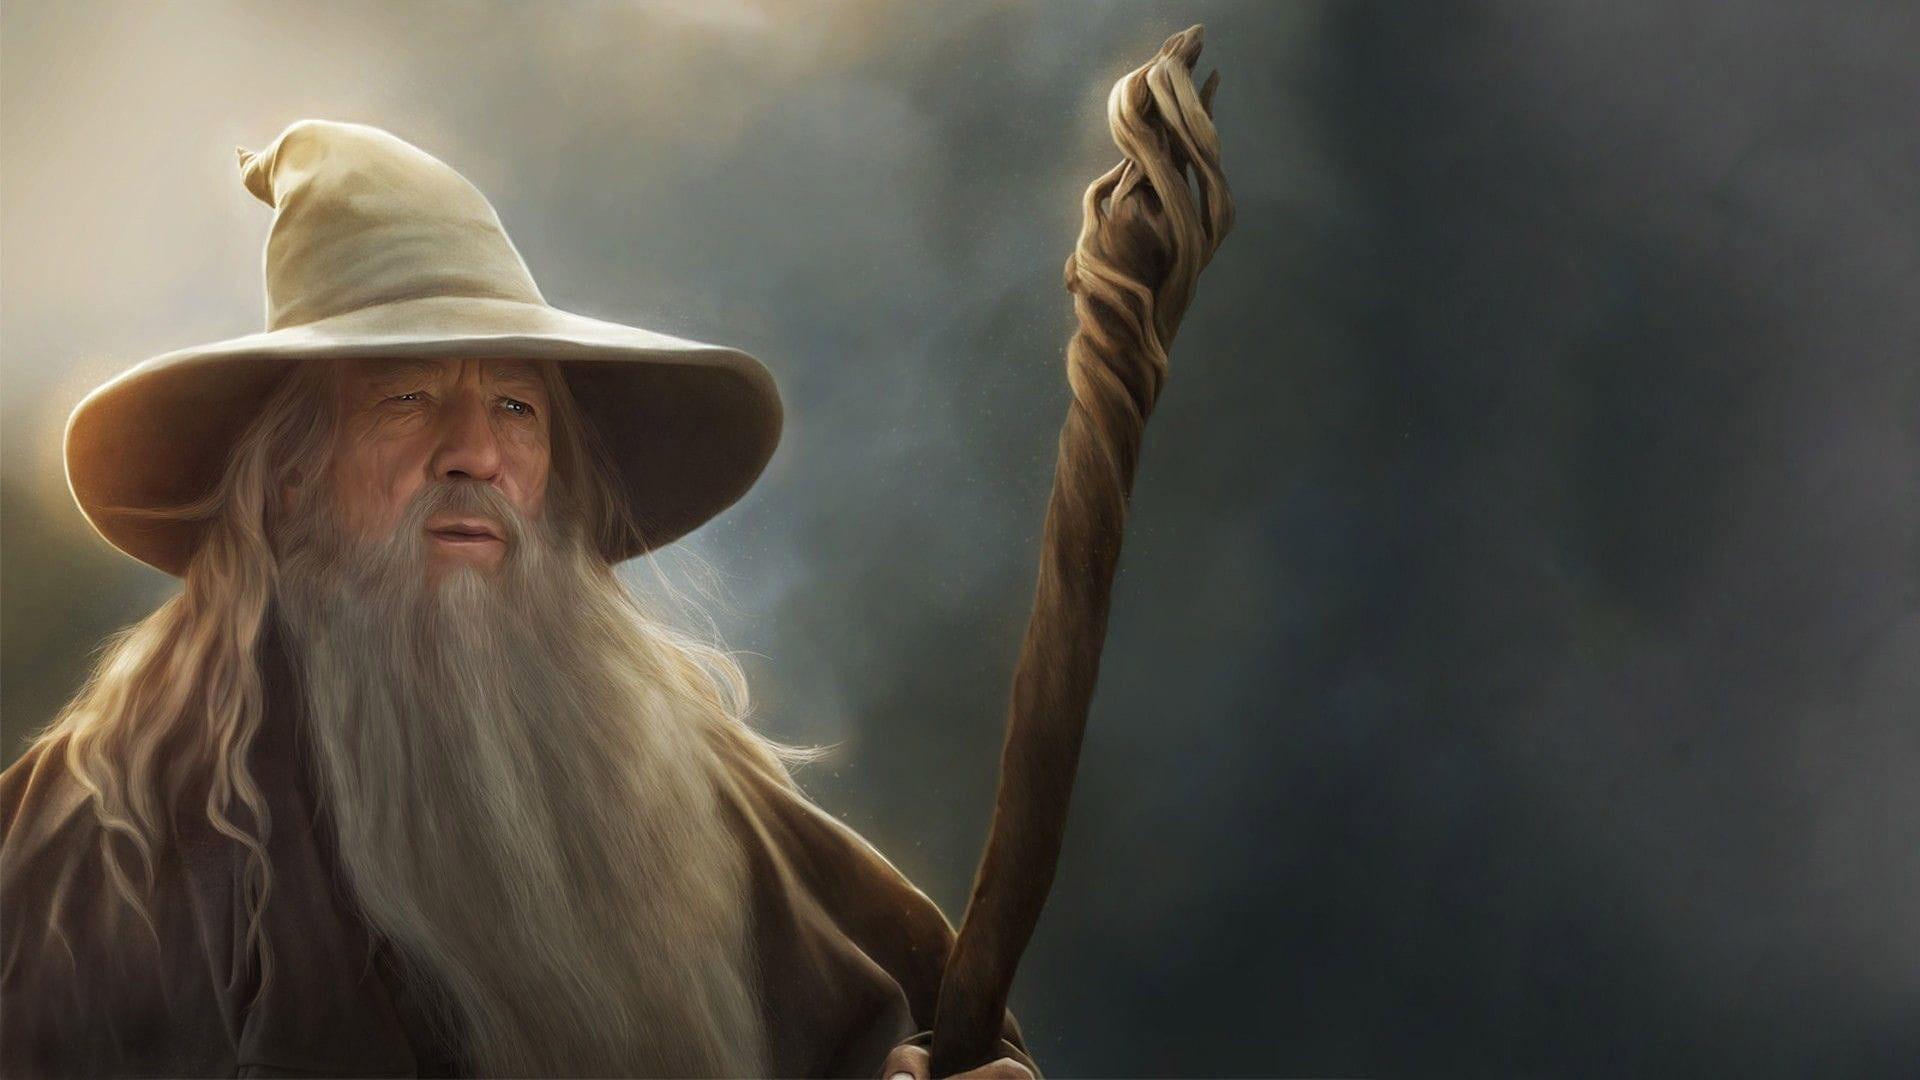 Här ser du en bild på Gandalf